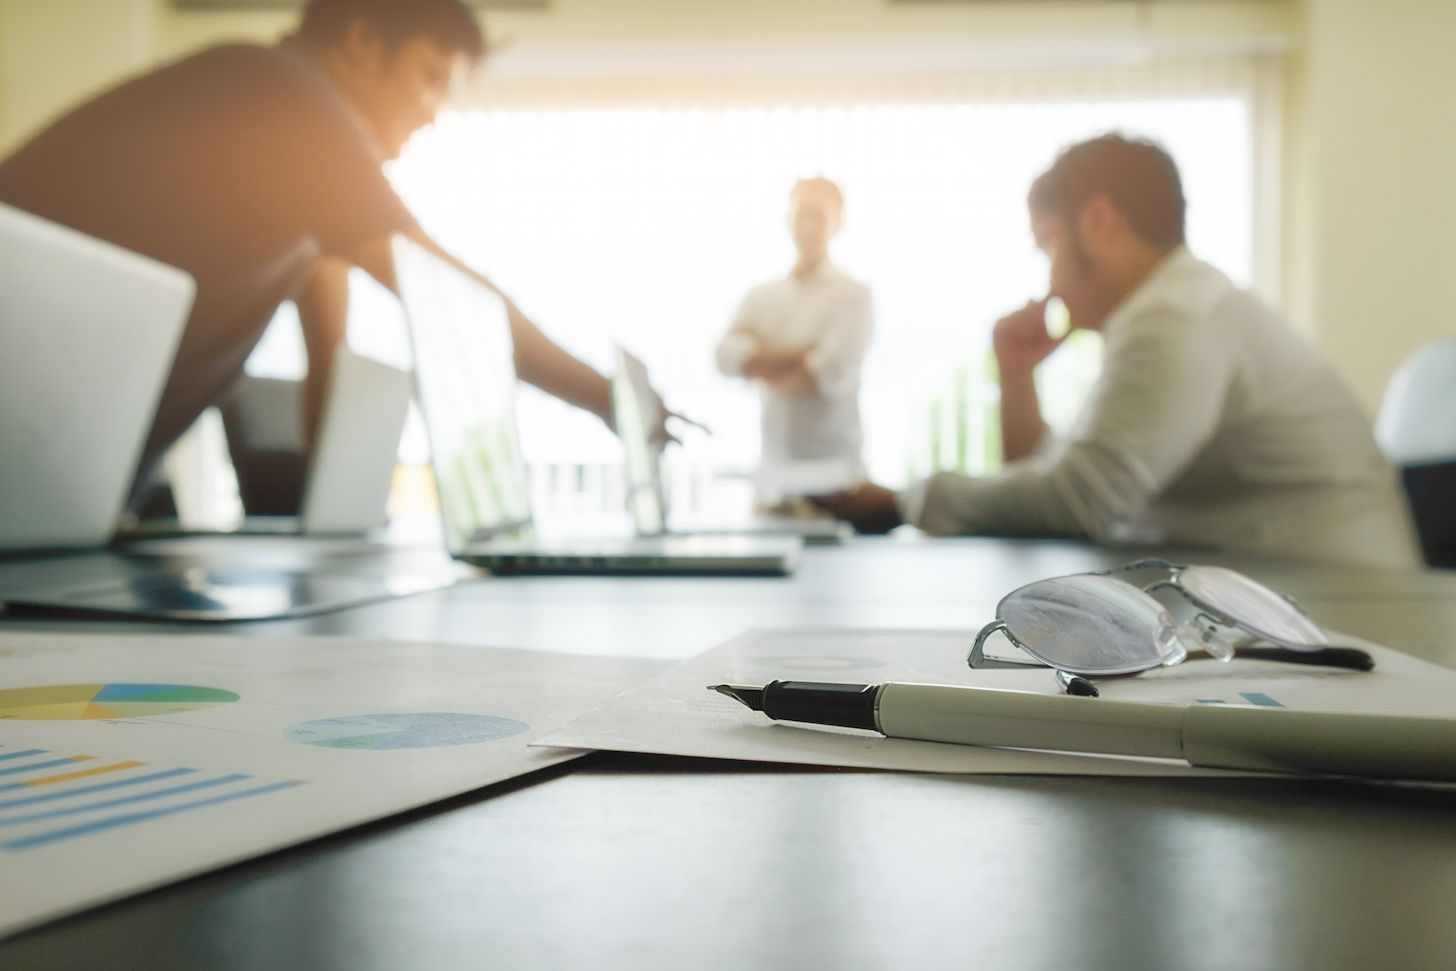 Riverbed ayuda al Despacho McCullough Robertson a mejorar la experiencia digital de los usuarios